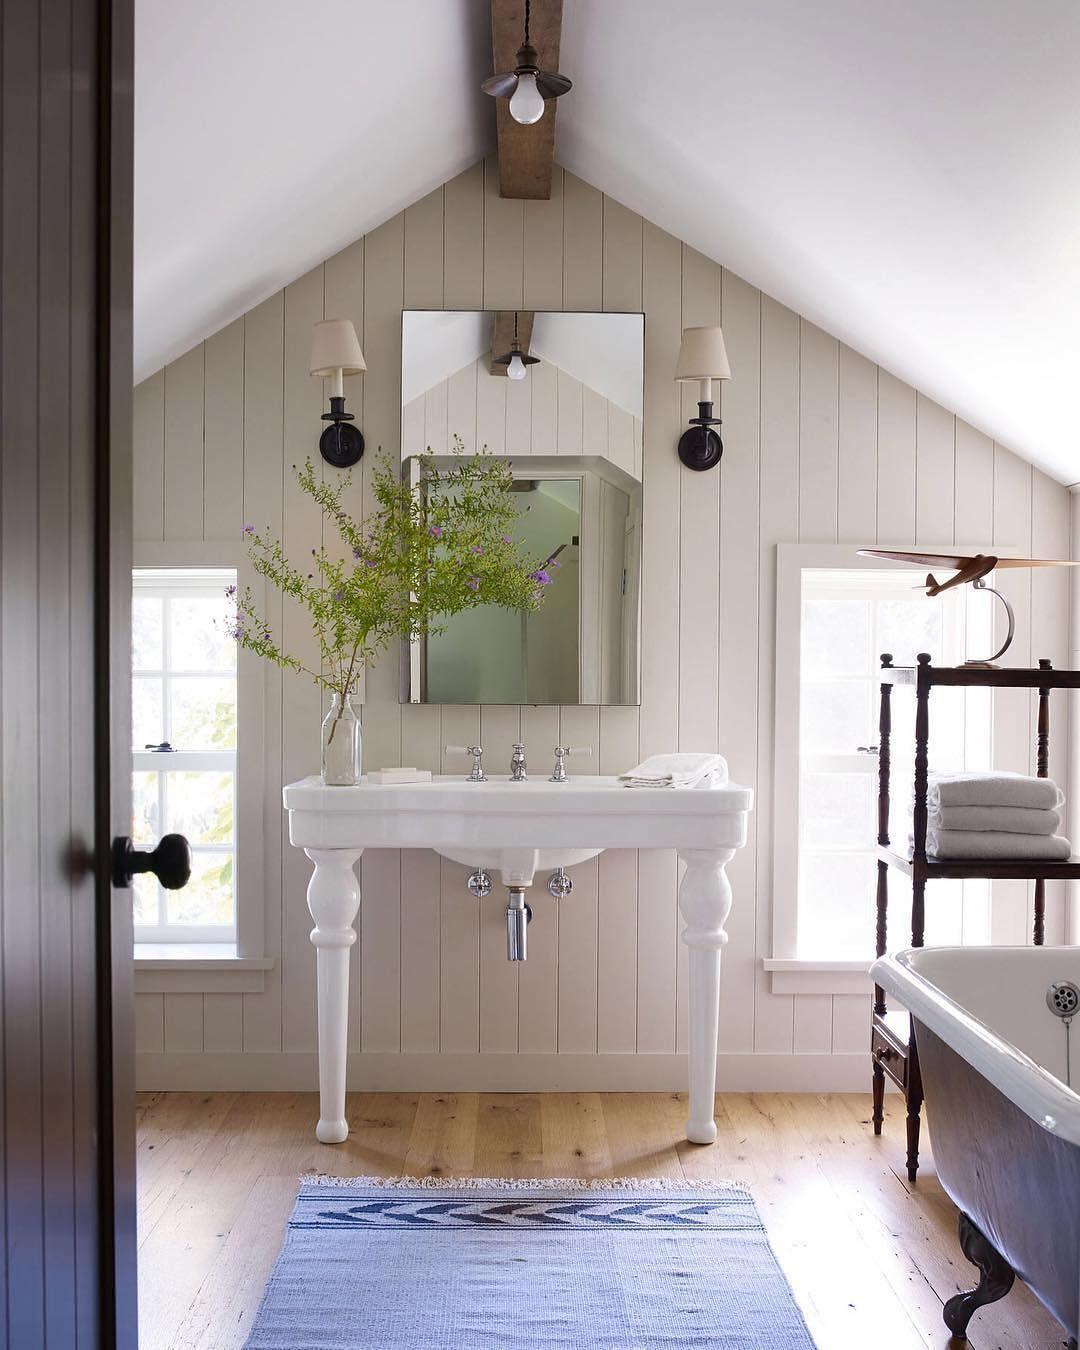 Pin Von A Krois Auf Dream Living Mit Bildern Badezimmerfliesen Ideen Kleine Badezimmer Wohnung